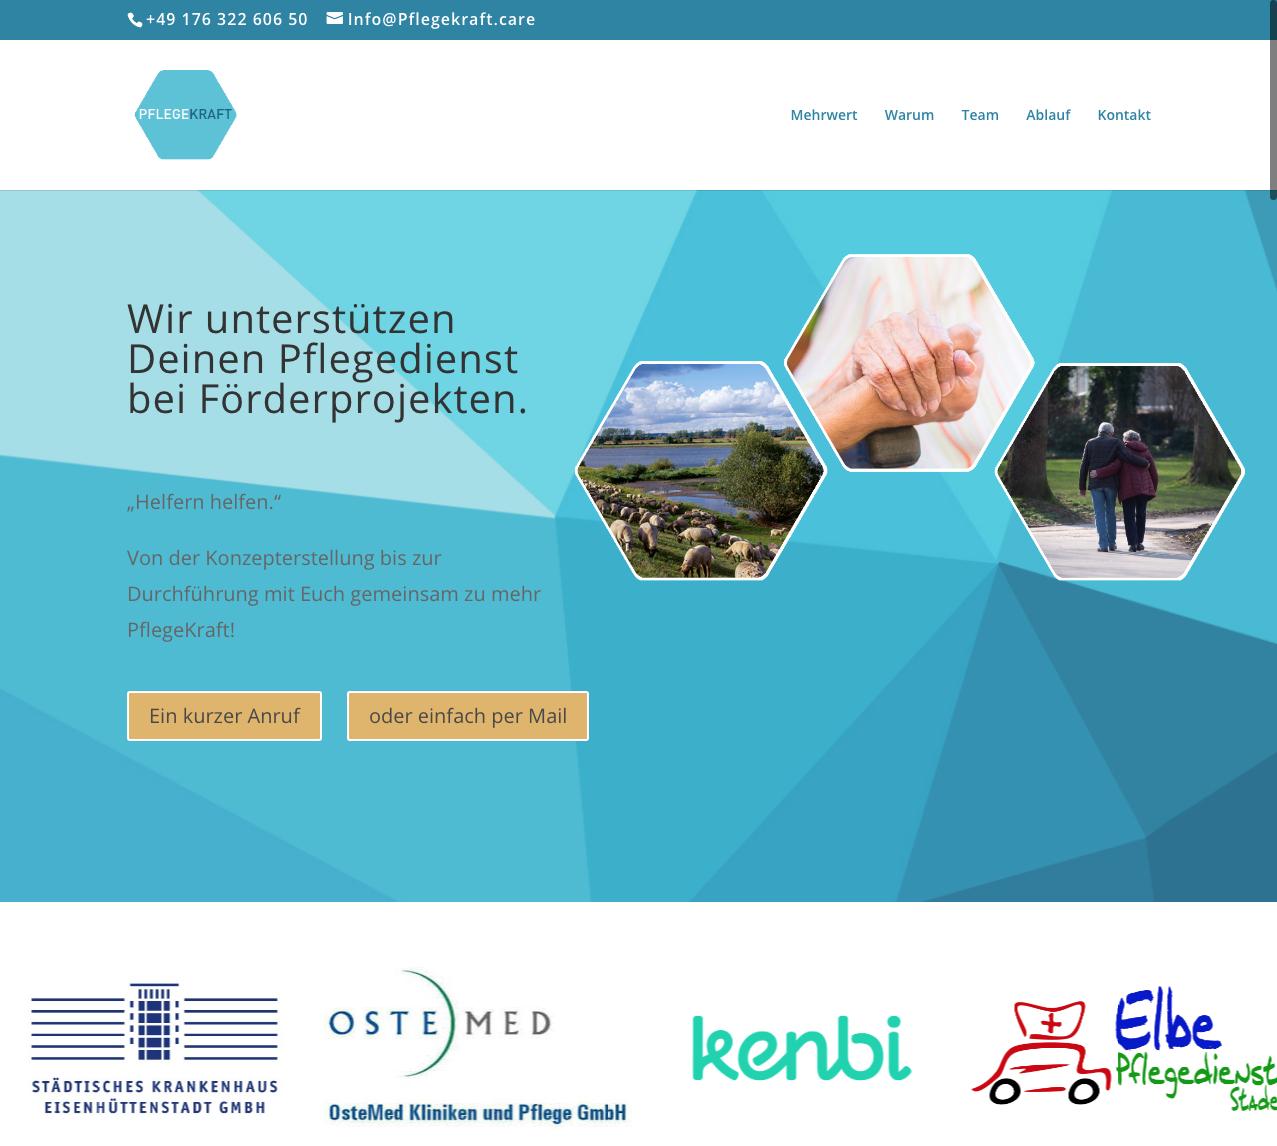 Screenshot von der Webseite Projekt Pflegekraft